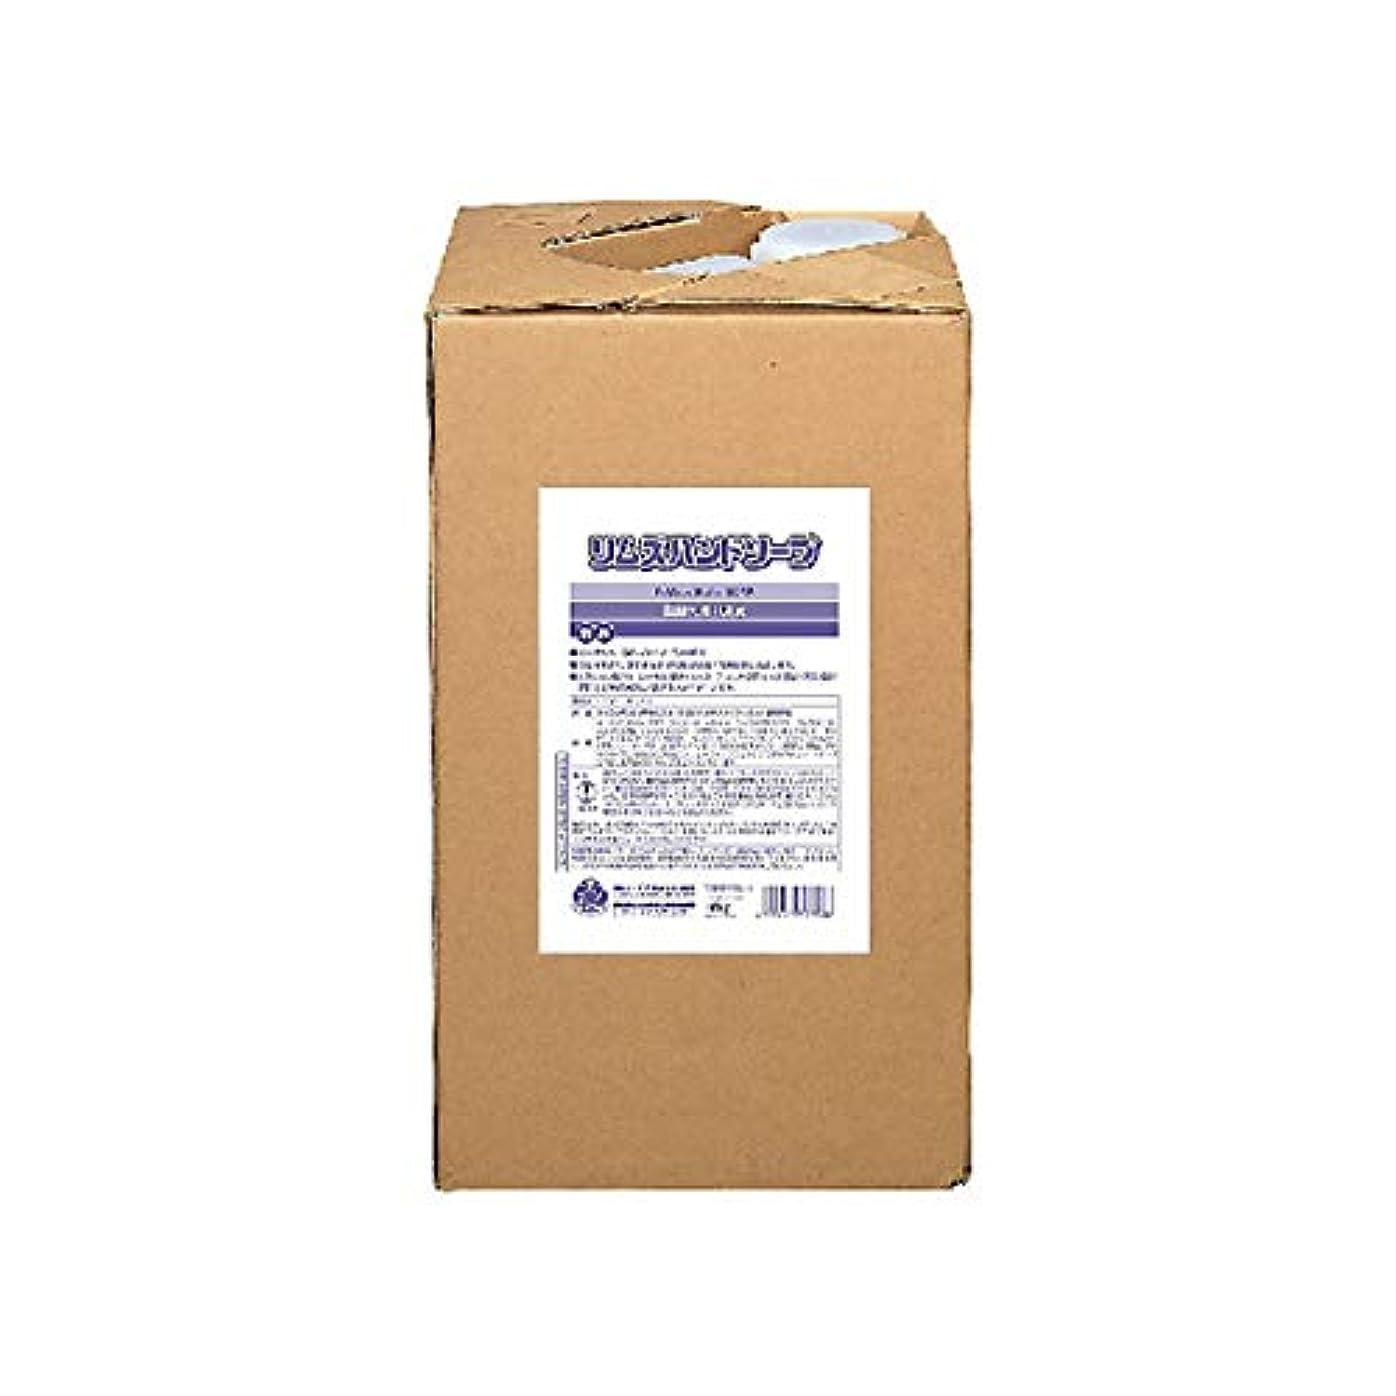 イチネンケミカルズ:リムズハンドソープ 詰替用 16kg 518